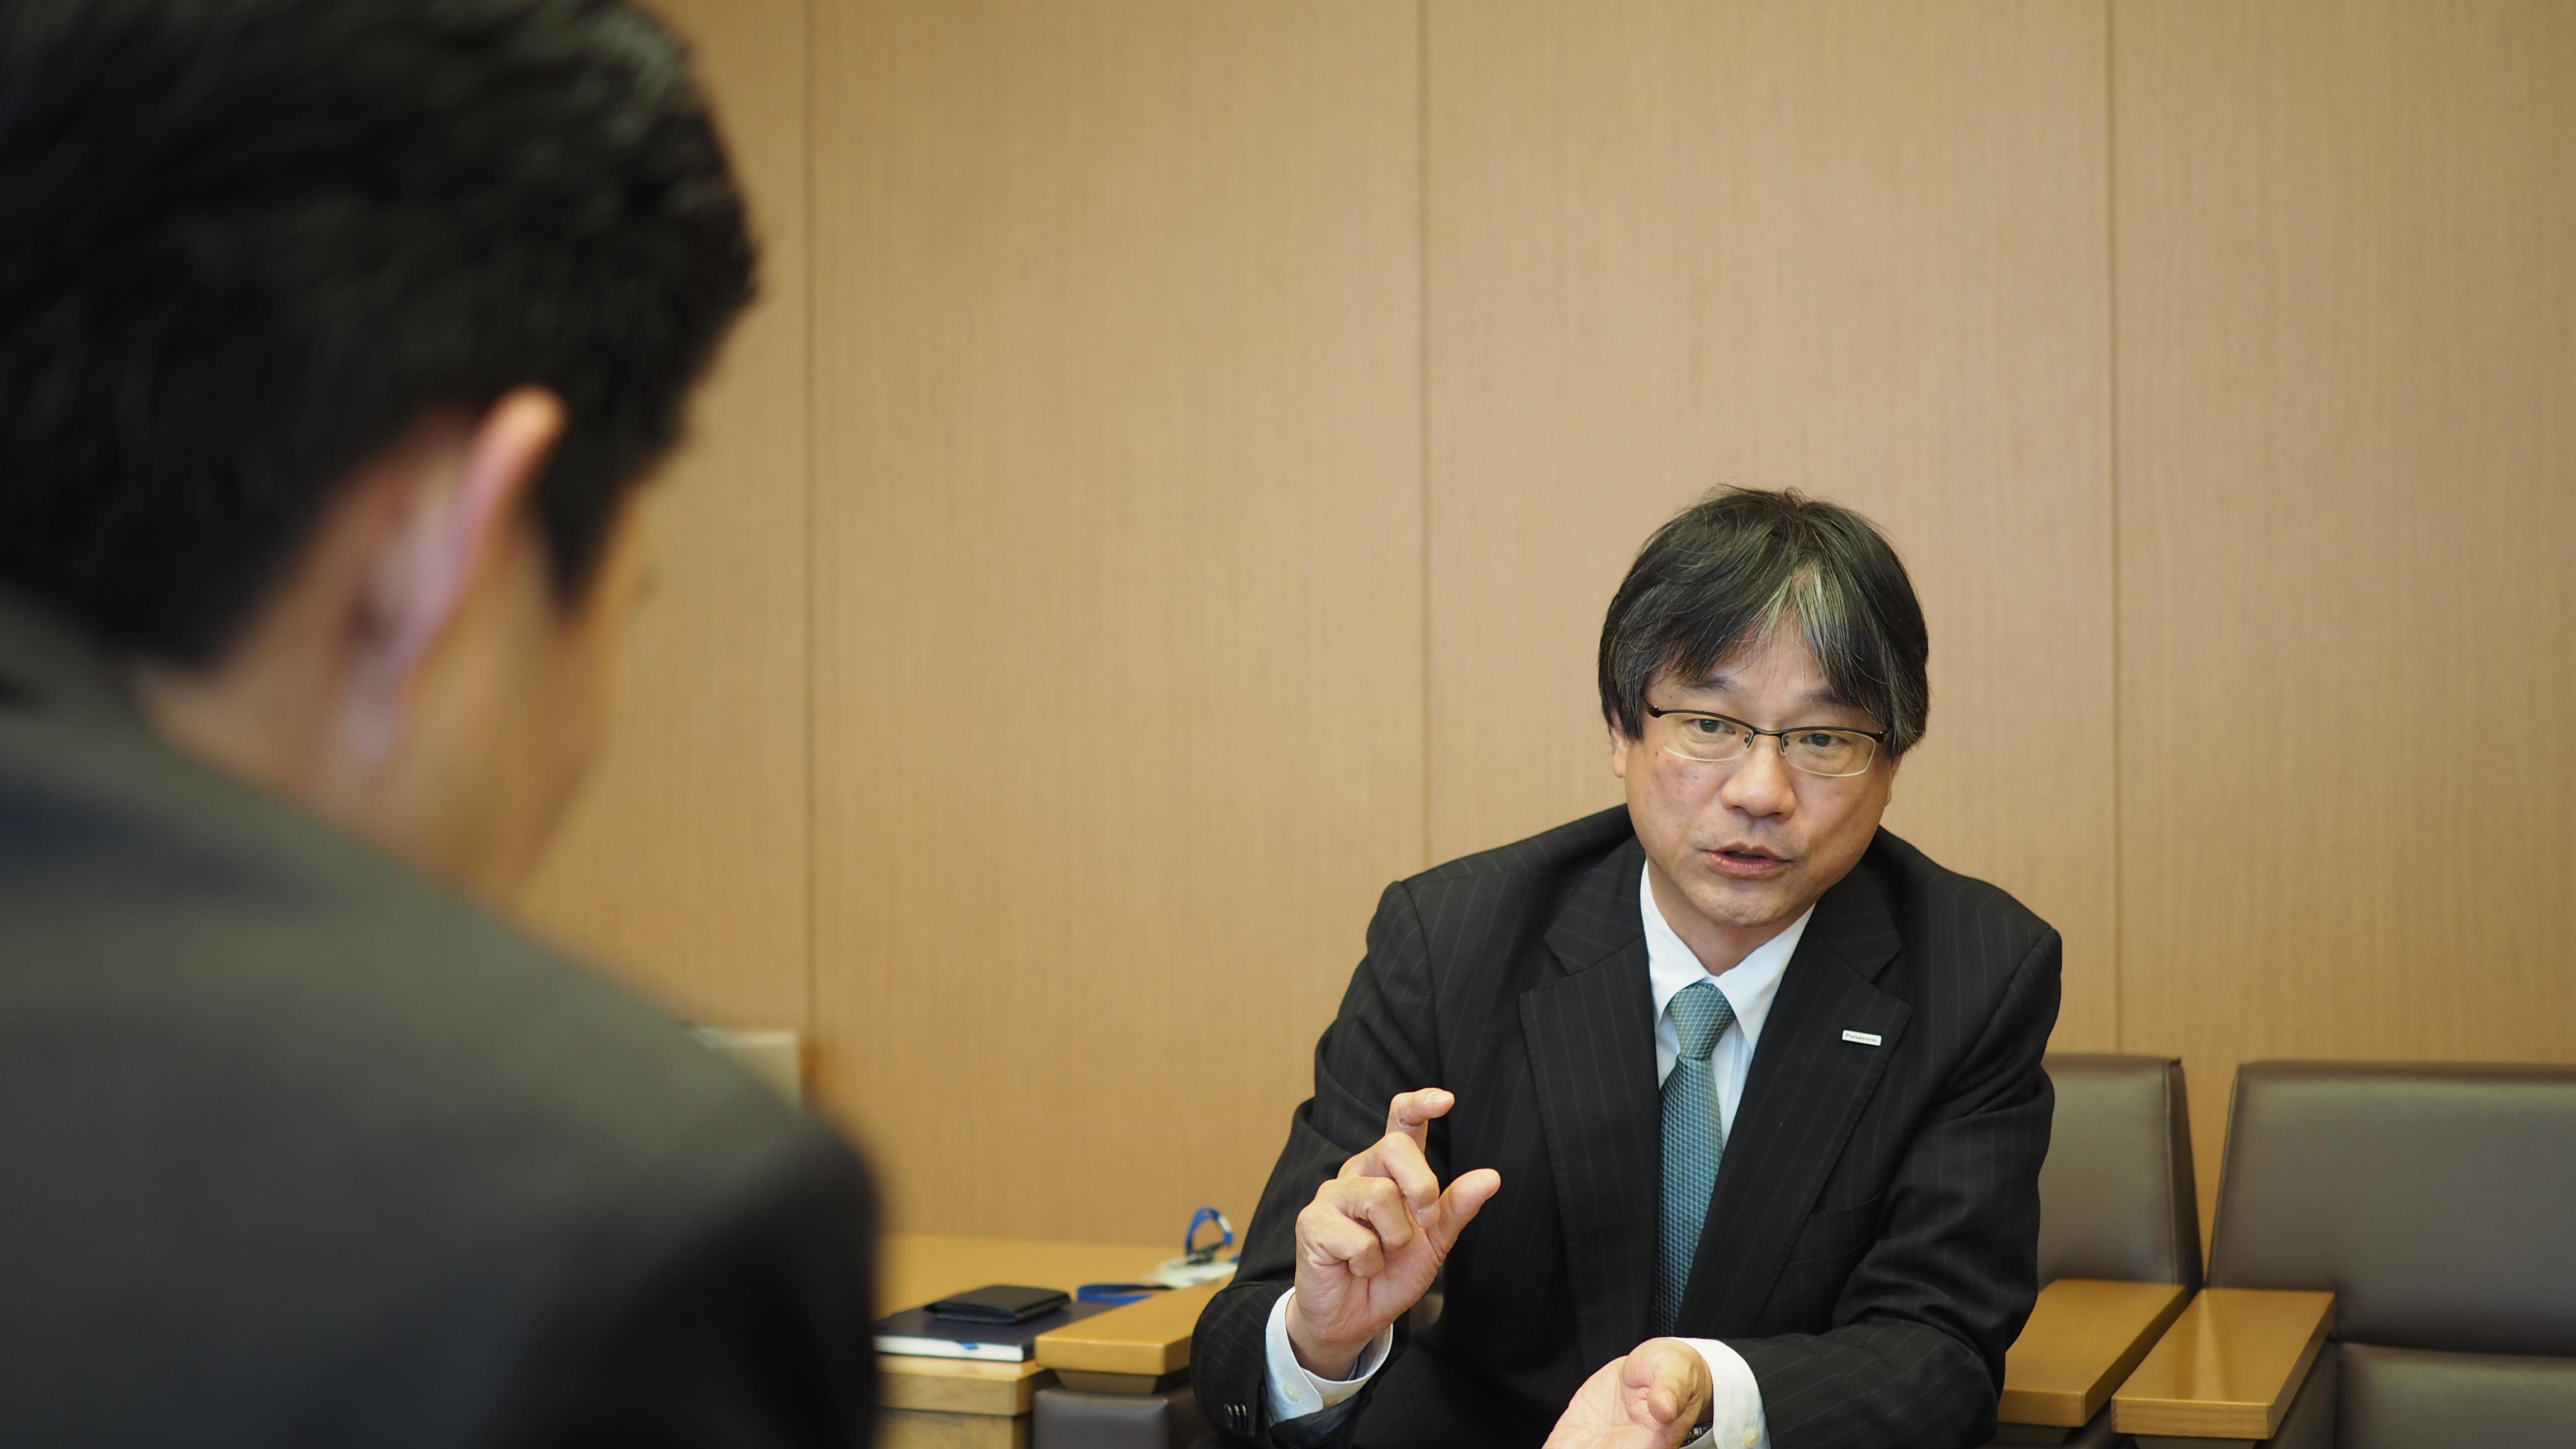 img_68826_panasonic_yoshida_nakamura_talk